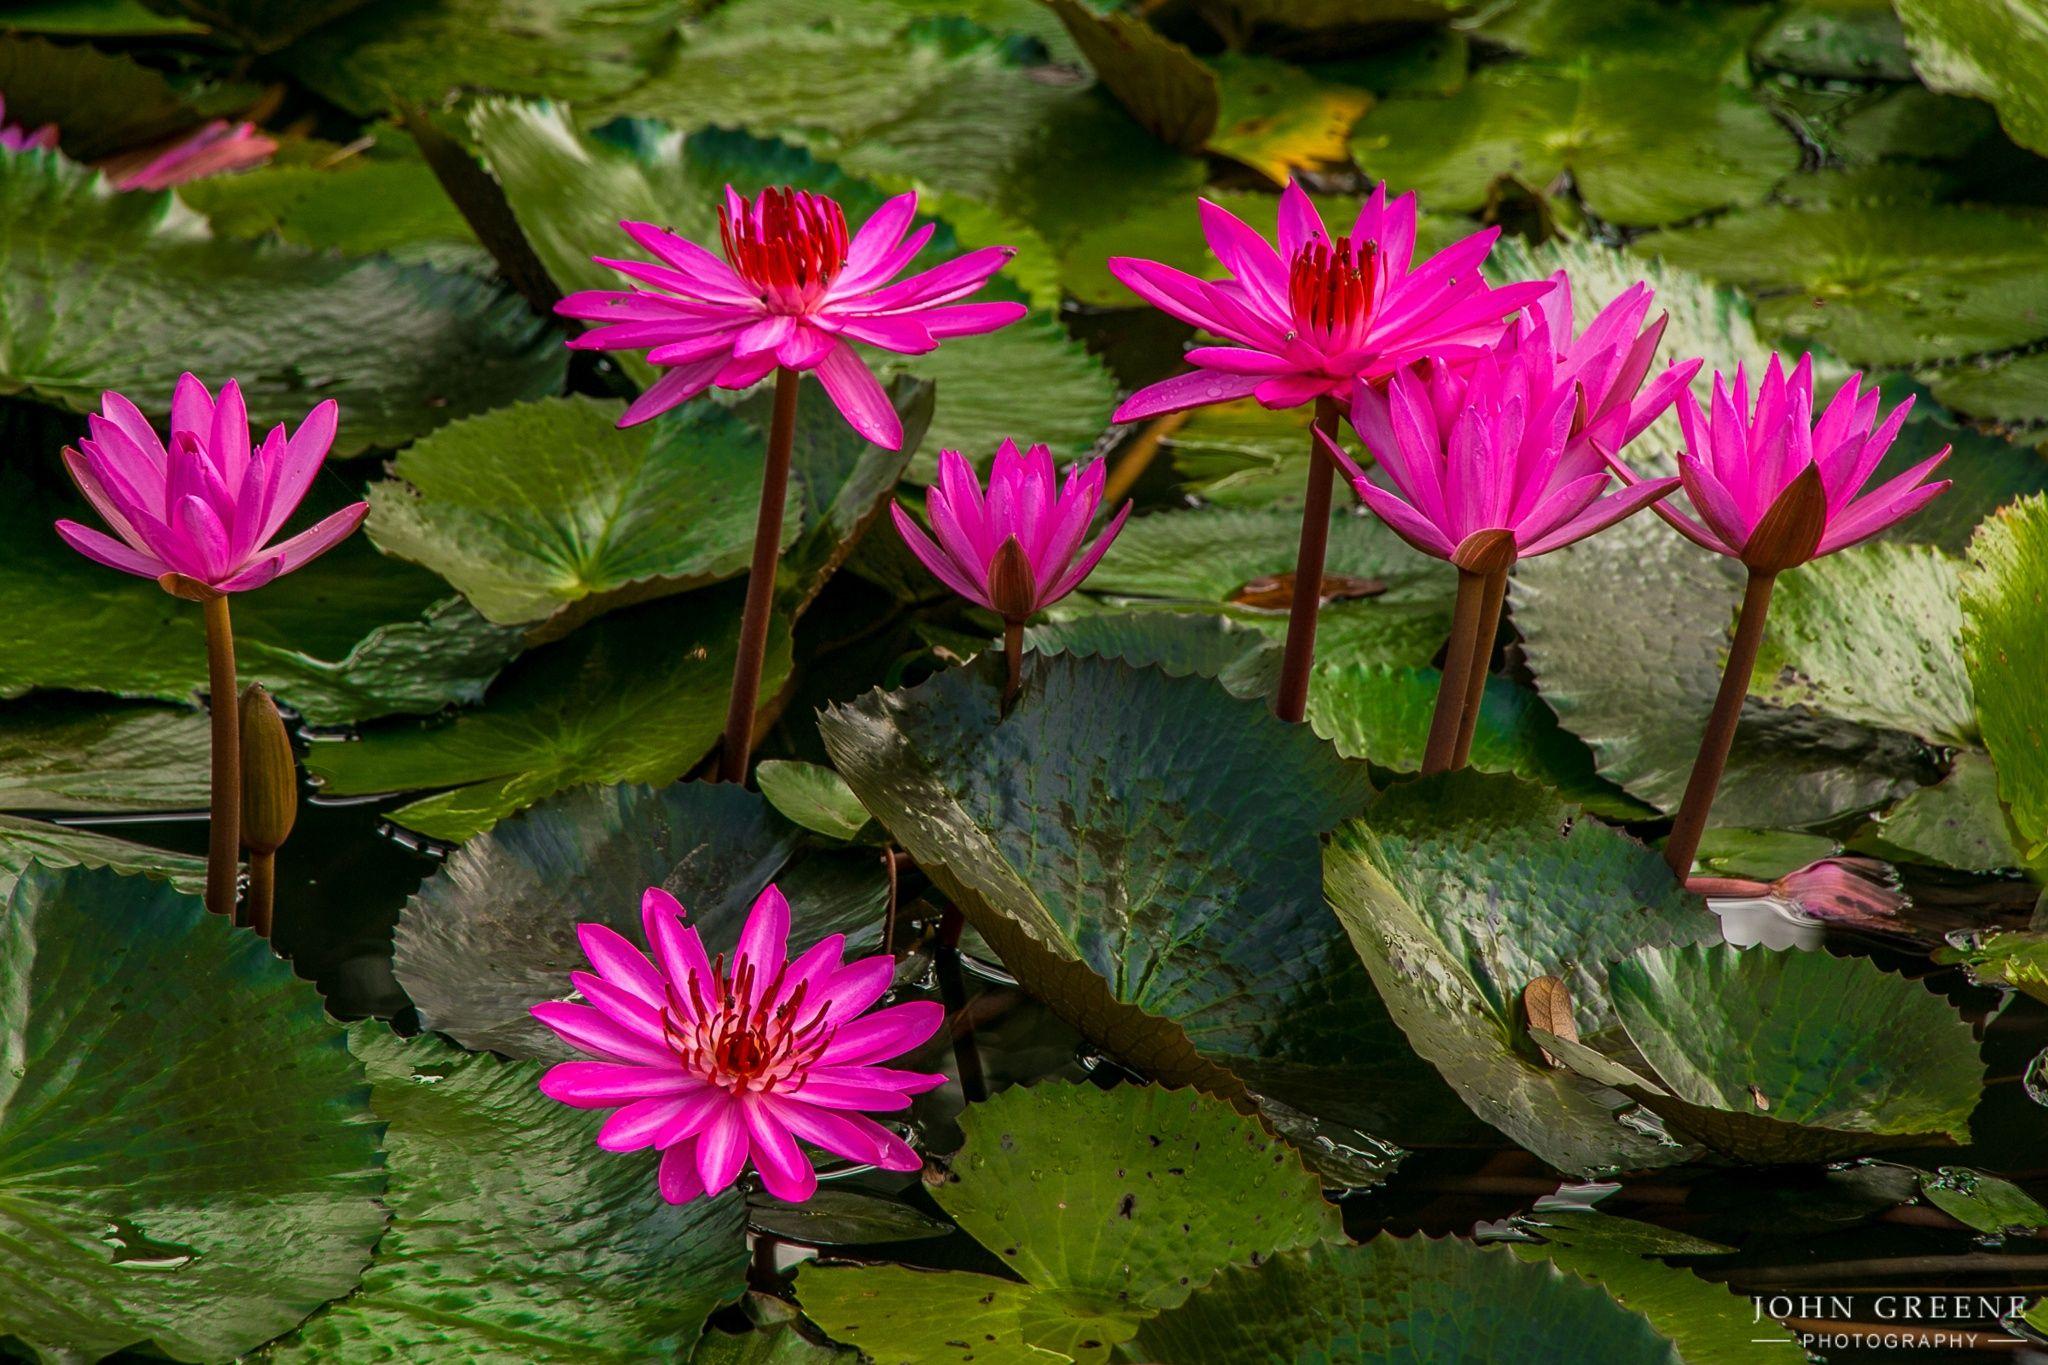 Lotus Flowers - Lotus flower pond, taken in Thailand.